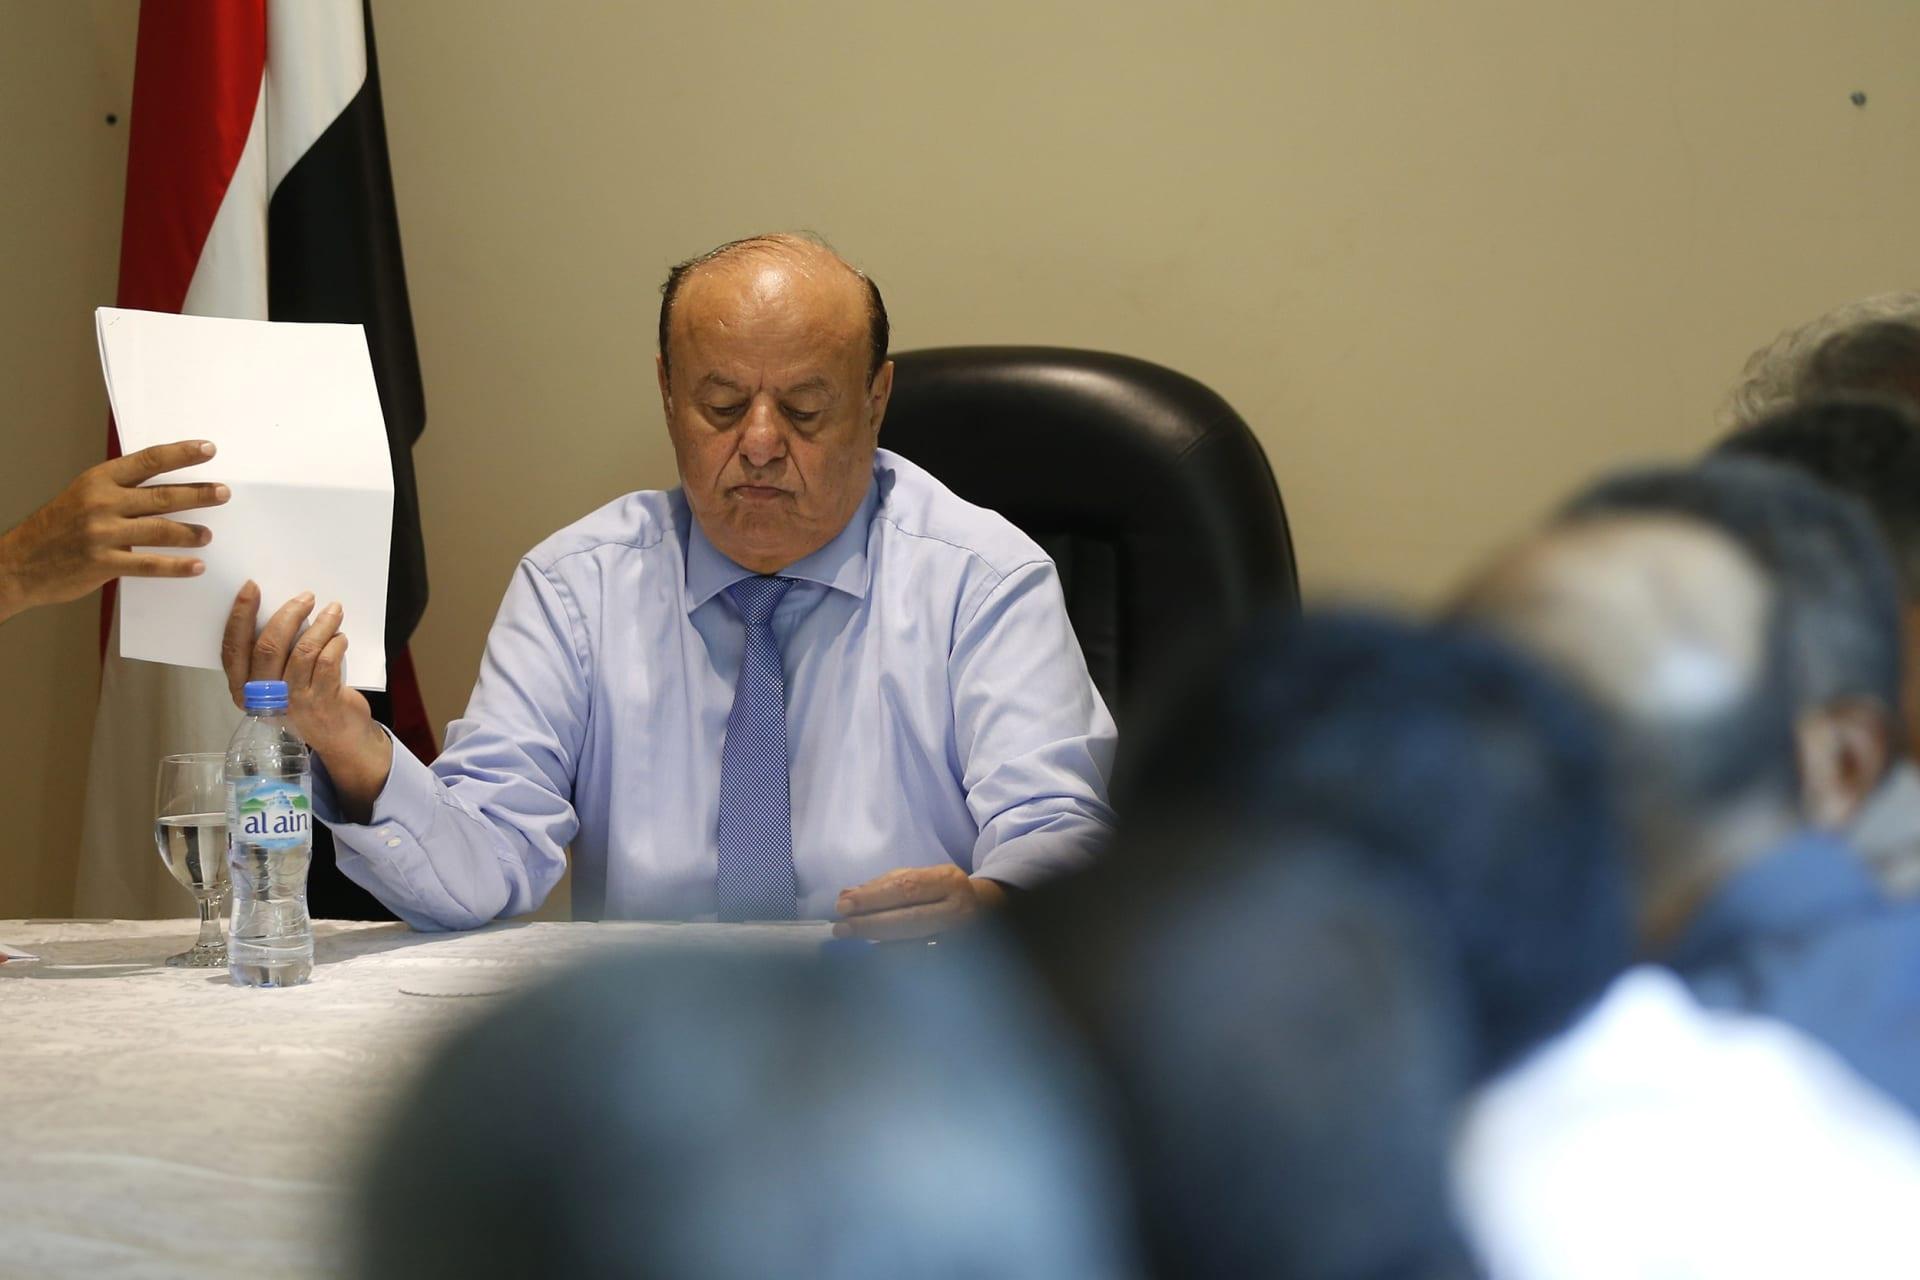 الرئيس اليمني يعلن تشكيل الحكومة الجديدة برئاسة معين عبدالملك تنفيذا لاتفاق الرياض